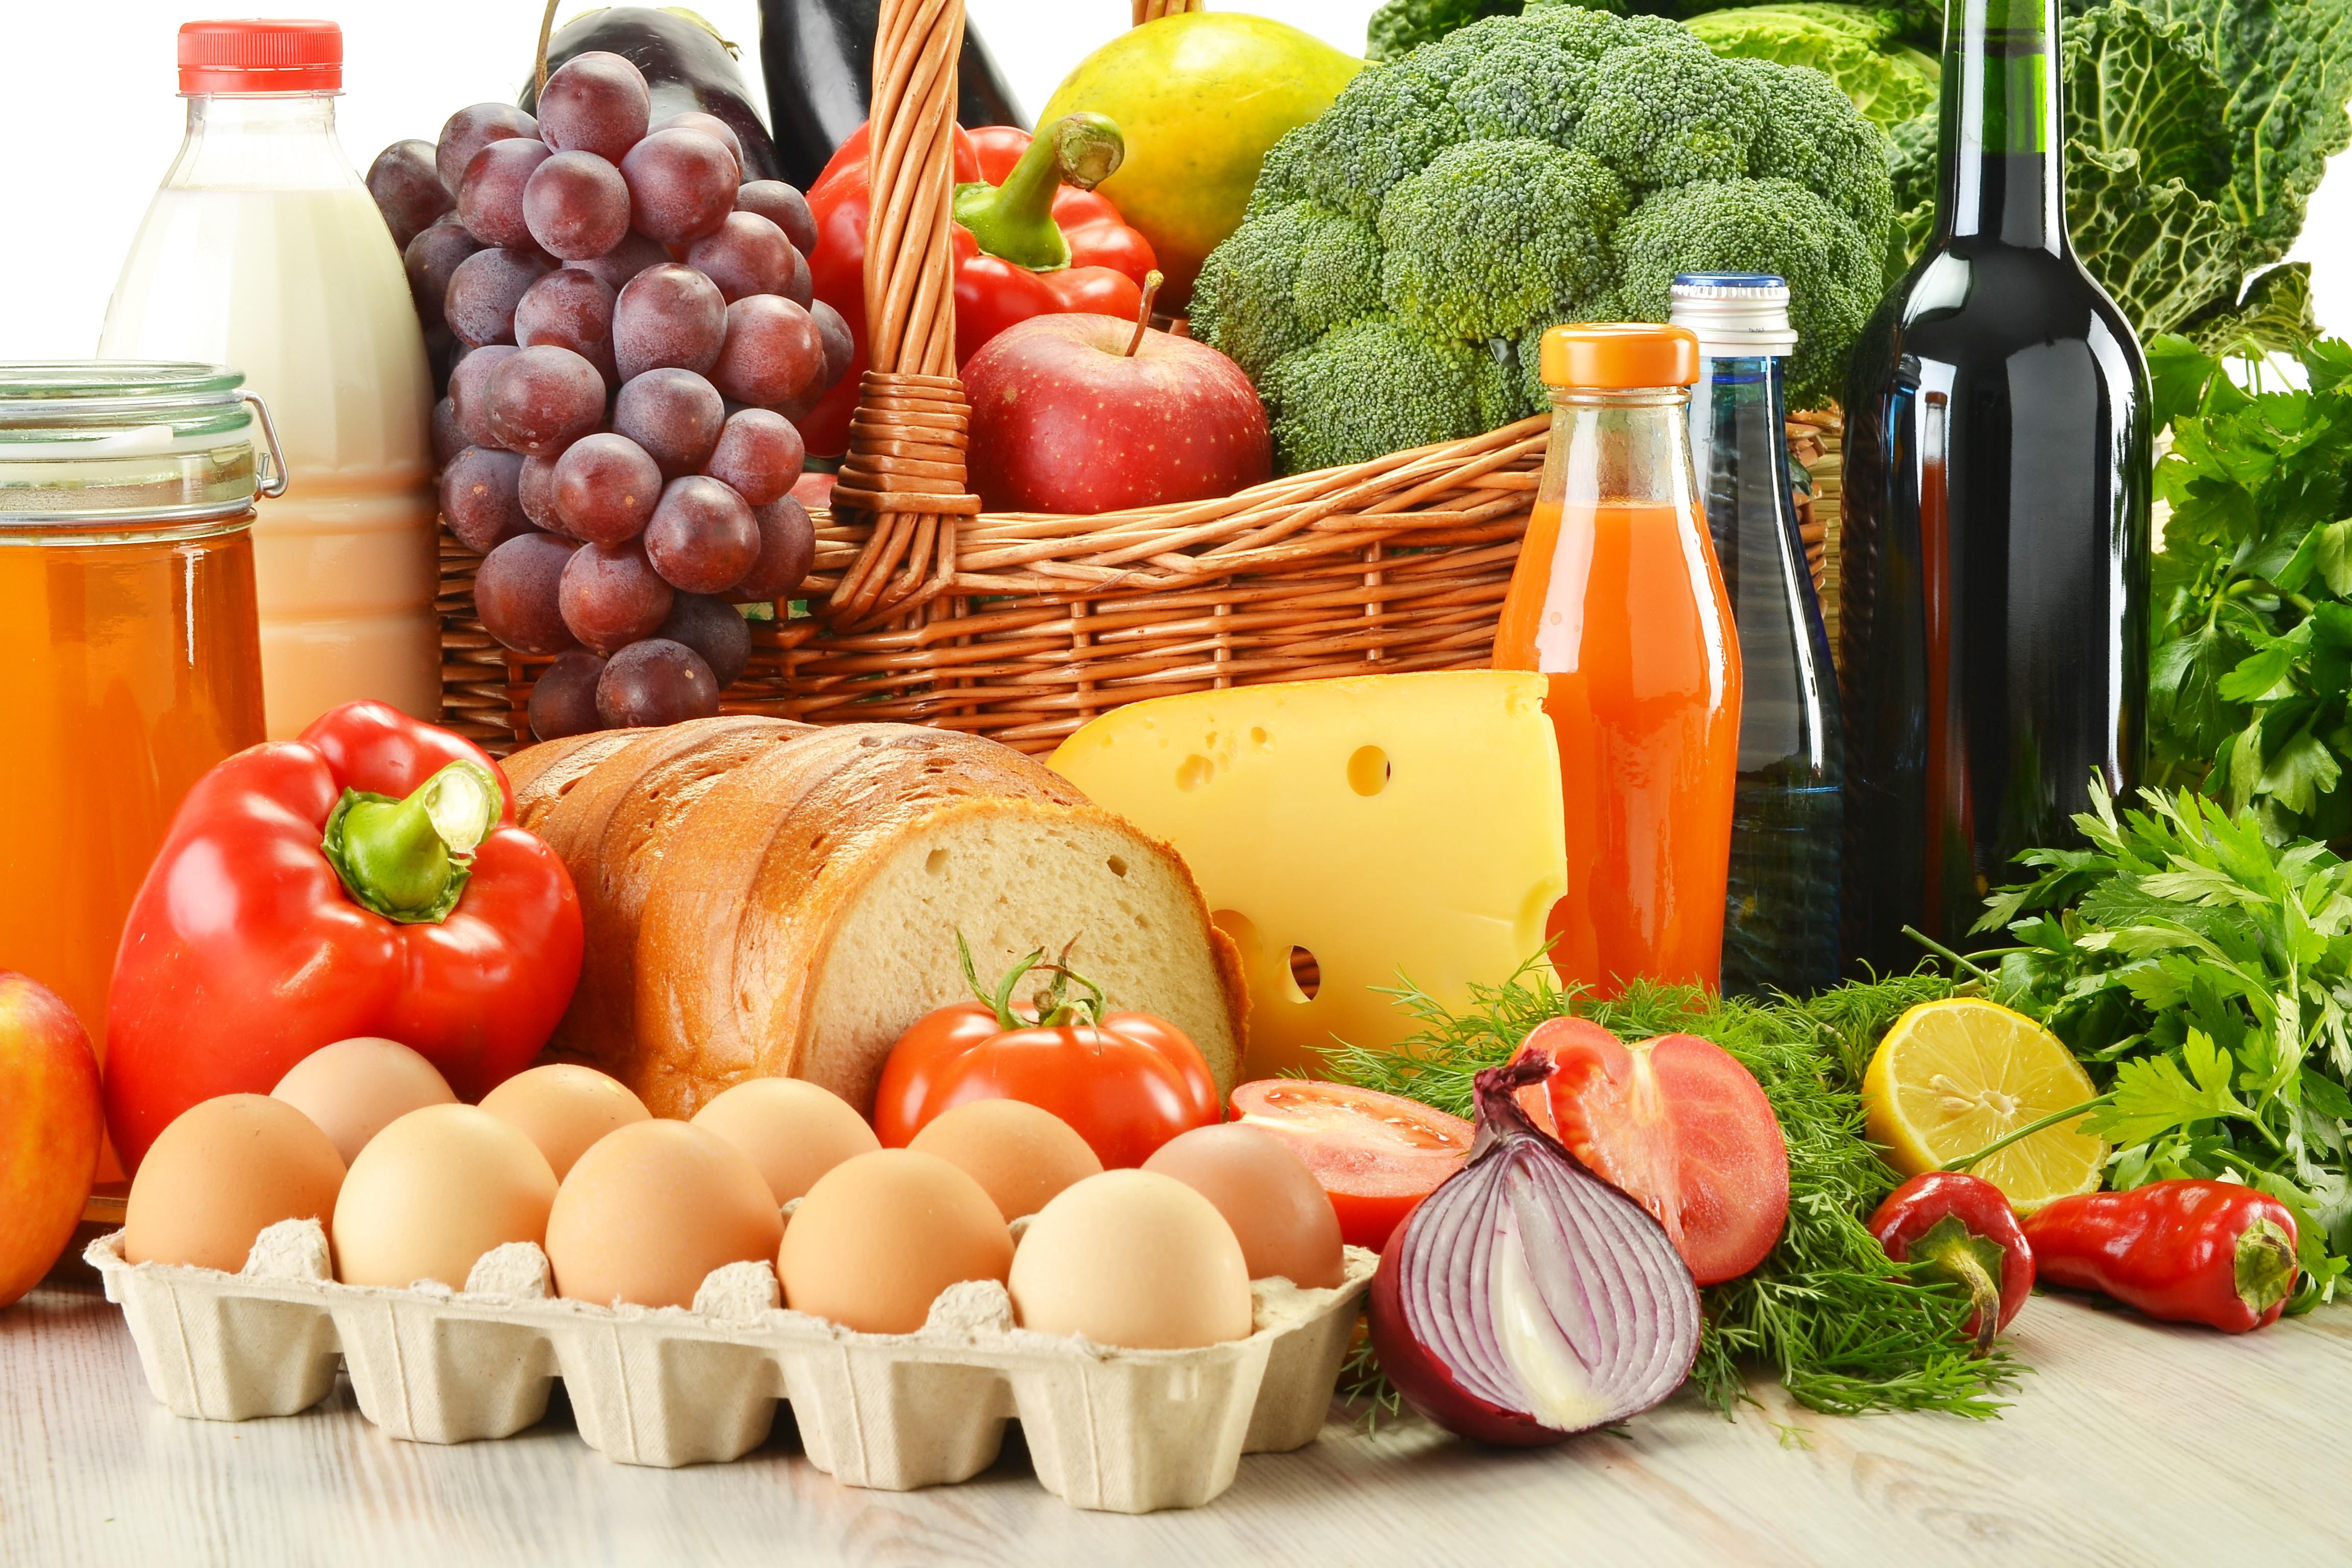 Цитрусовые дешевле, овощи и фрукты – дороже: как изменились цены на продукты в Молдове в октябре (ТАБЛИЦА)